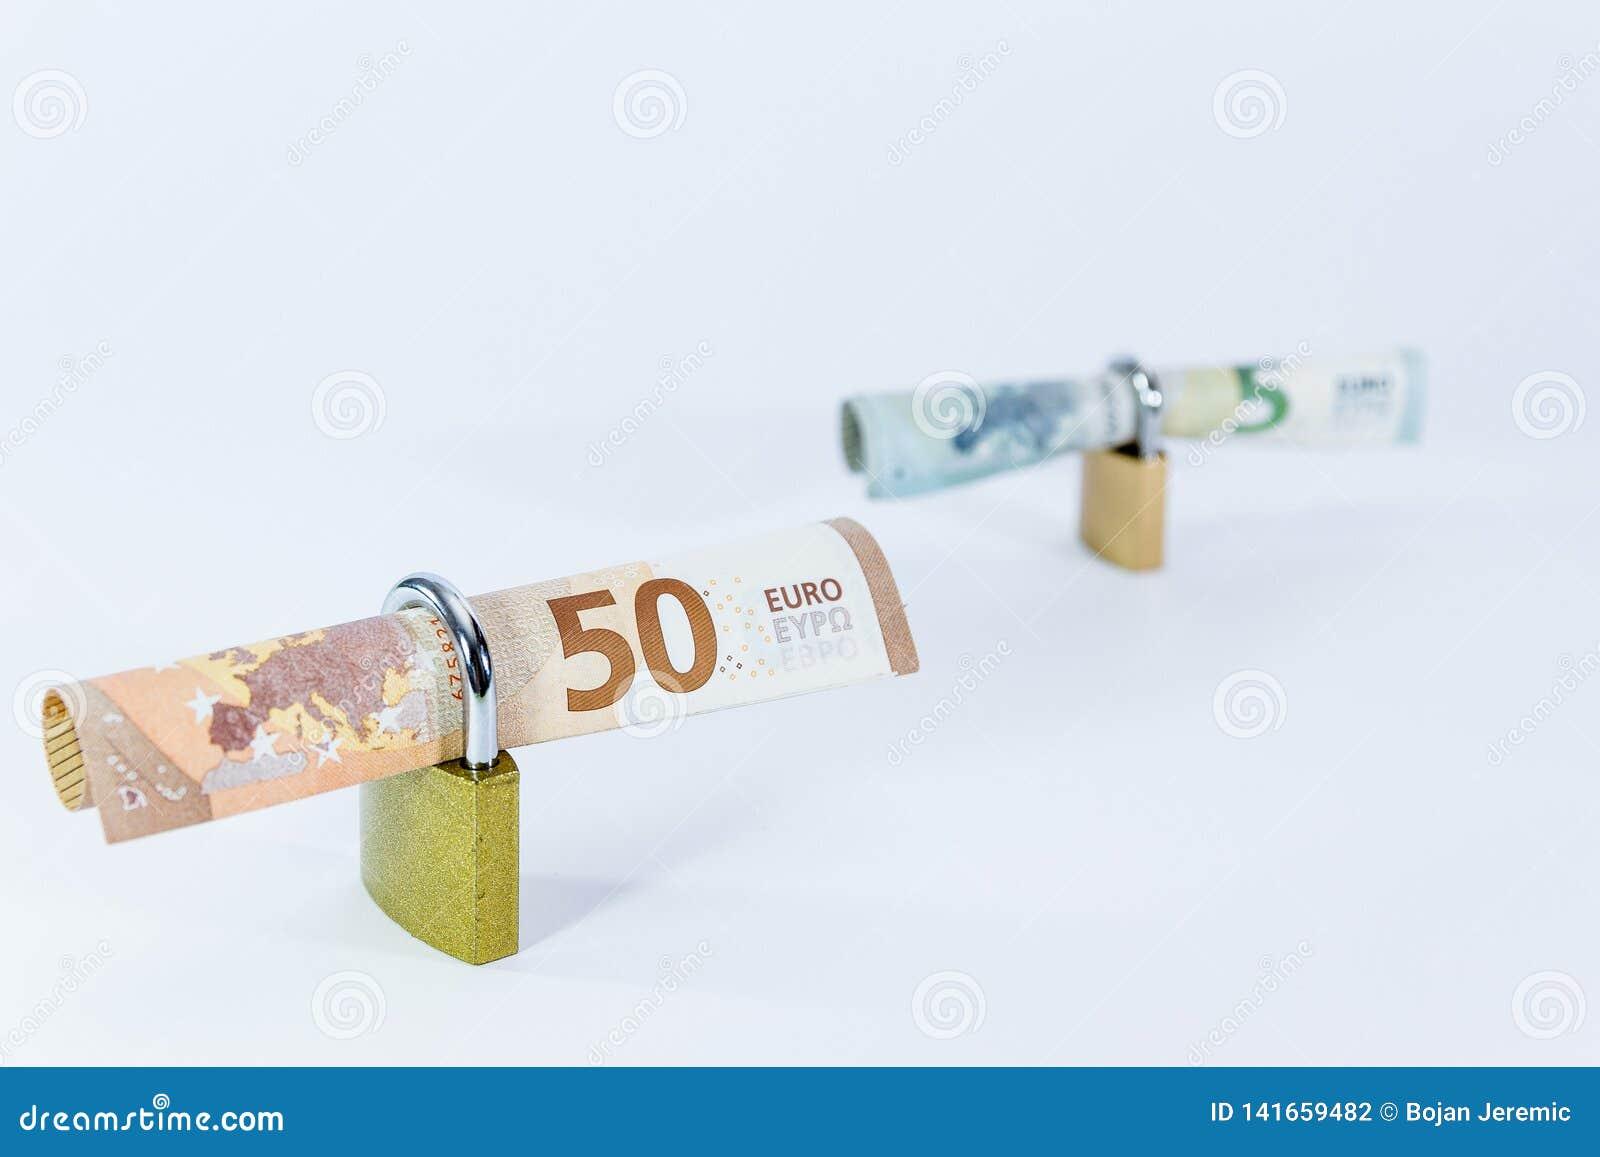 Euro banconote di valore dei soldi con il lucchetto, sistema di pagamento dell Unione Europea